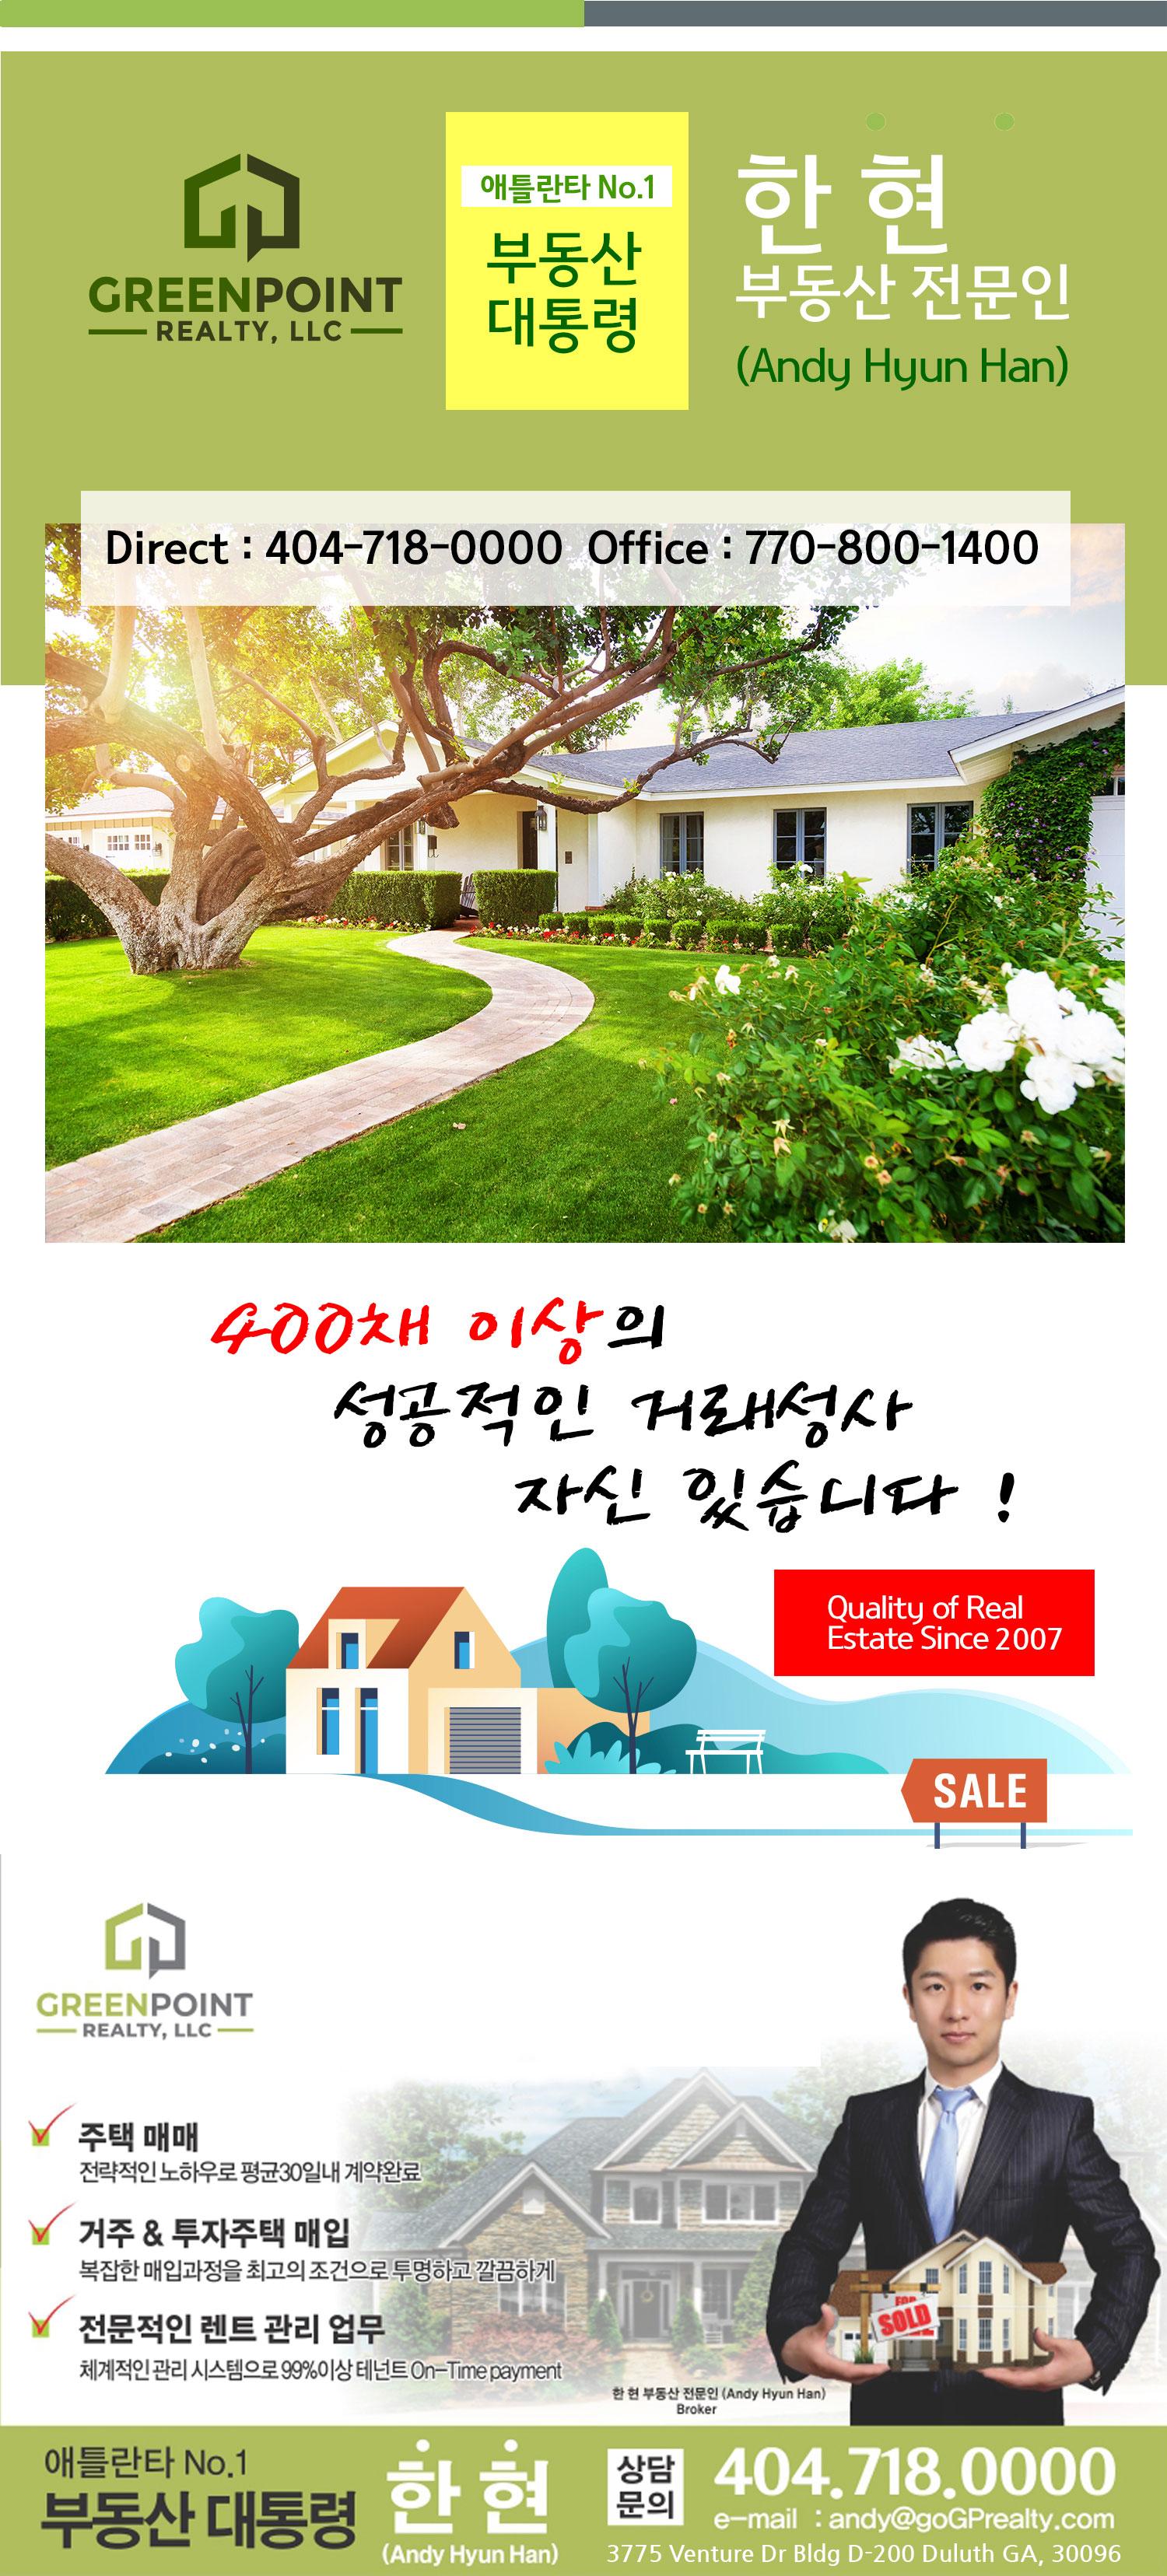 부동산 대통령 한현 Andy Hyun Han | 애틀란타 한인 부동산 전문인, 조지아 한인 부동산 전문인